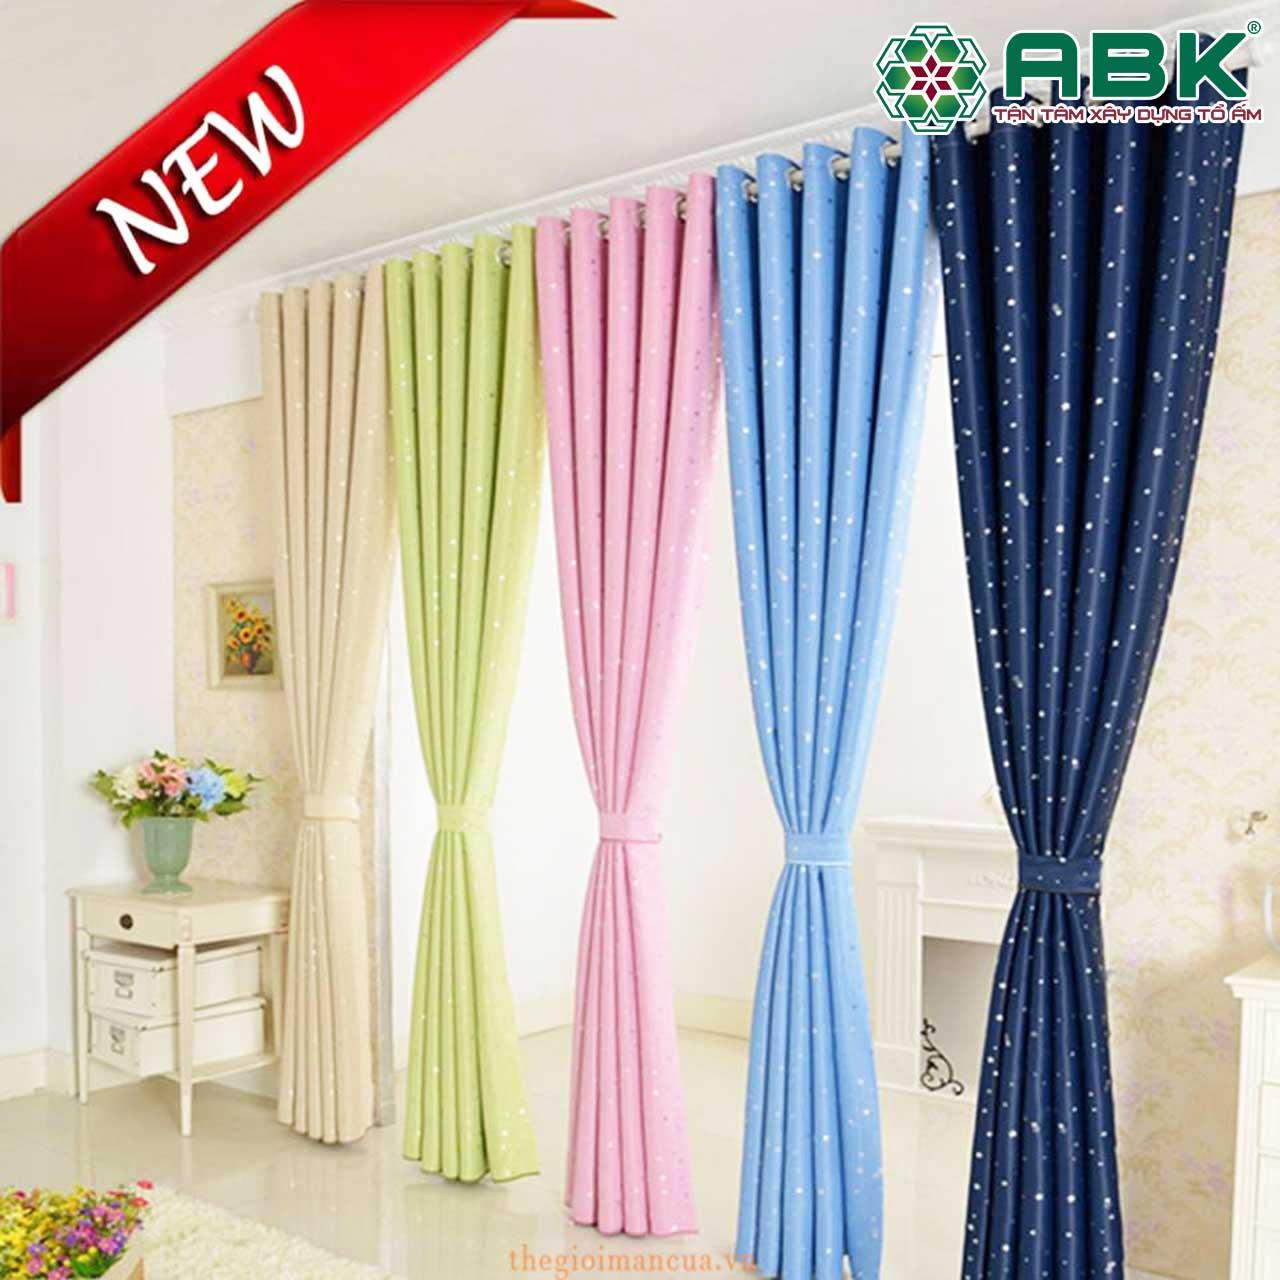 Những màu rèm cửa đẹp mang đến sự sang trọng cho ngôi nhà bạn